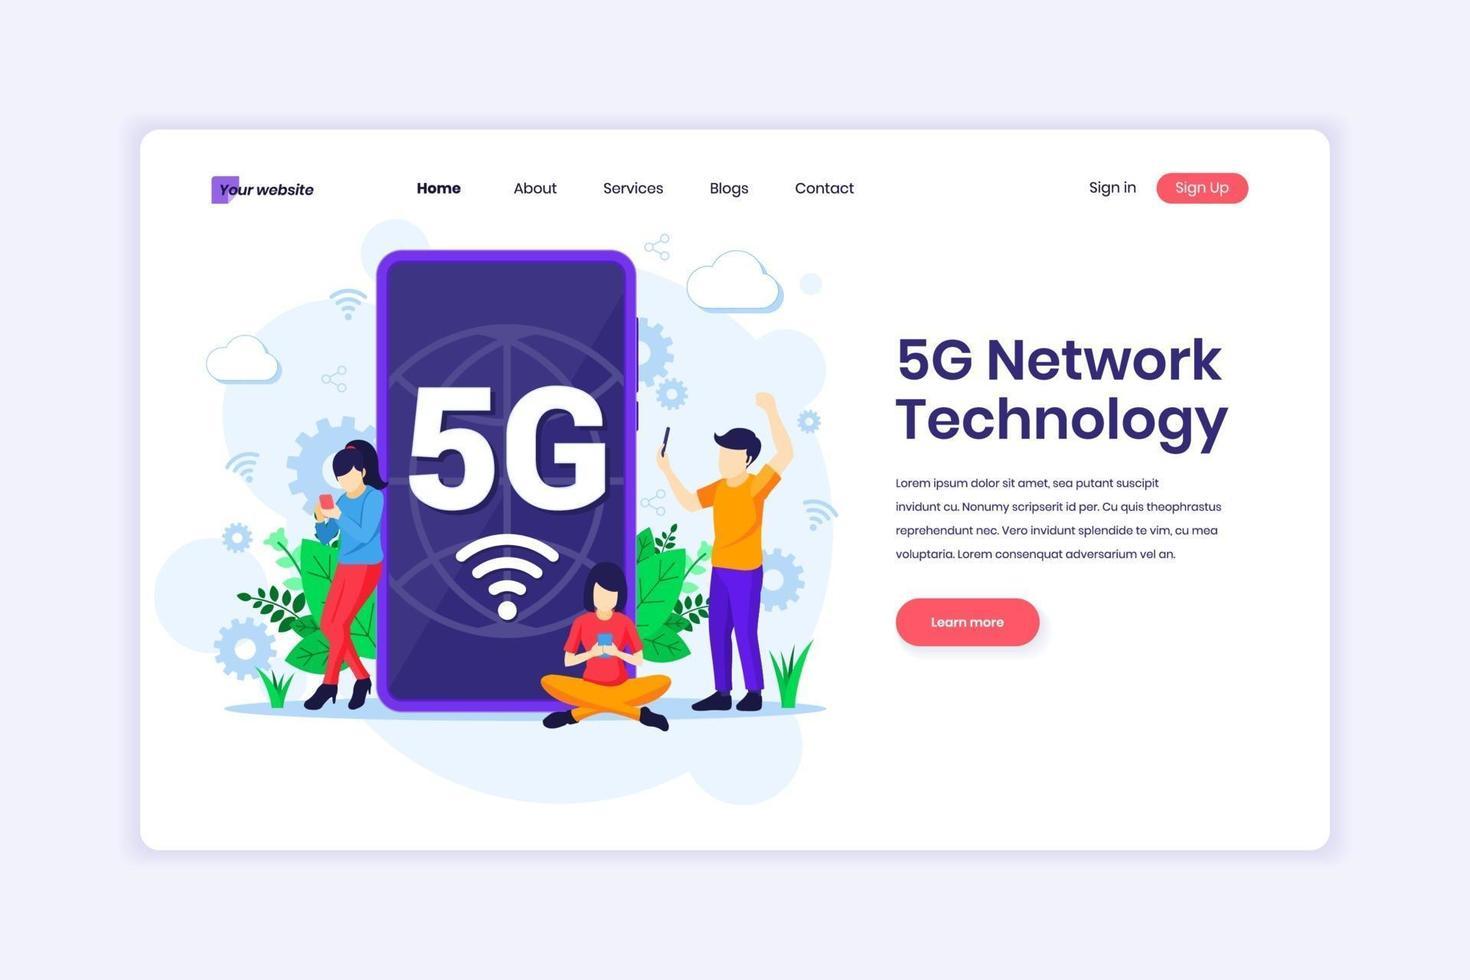 Zielseiten-Designkonzept der 5g-Netzwerktechnologie. Personen, die eine drahtlose Hochgeschwindigkeitsverbindung 5g auf ihrem Mobiltelefon verwenden. Vektorillustration vektor